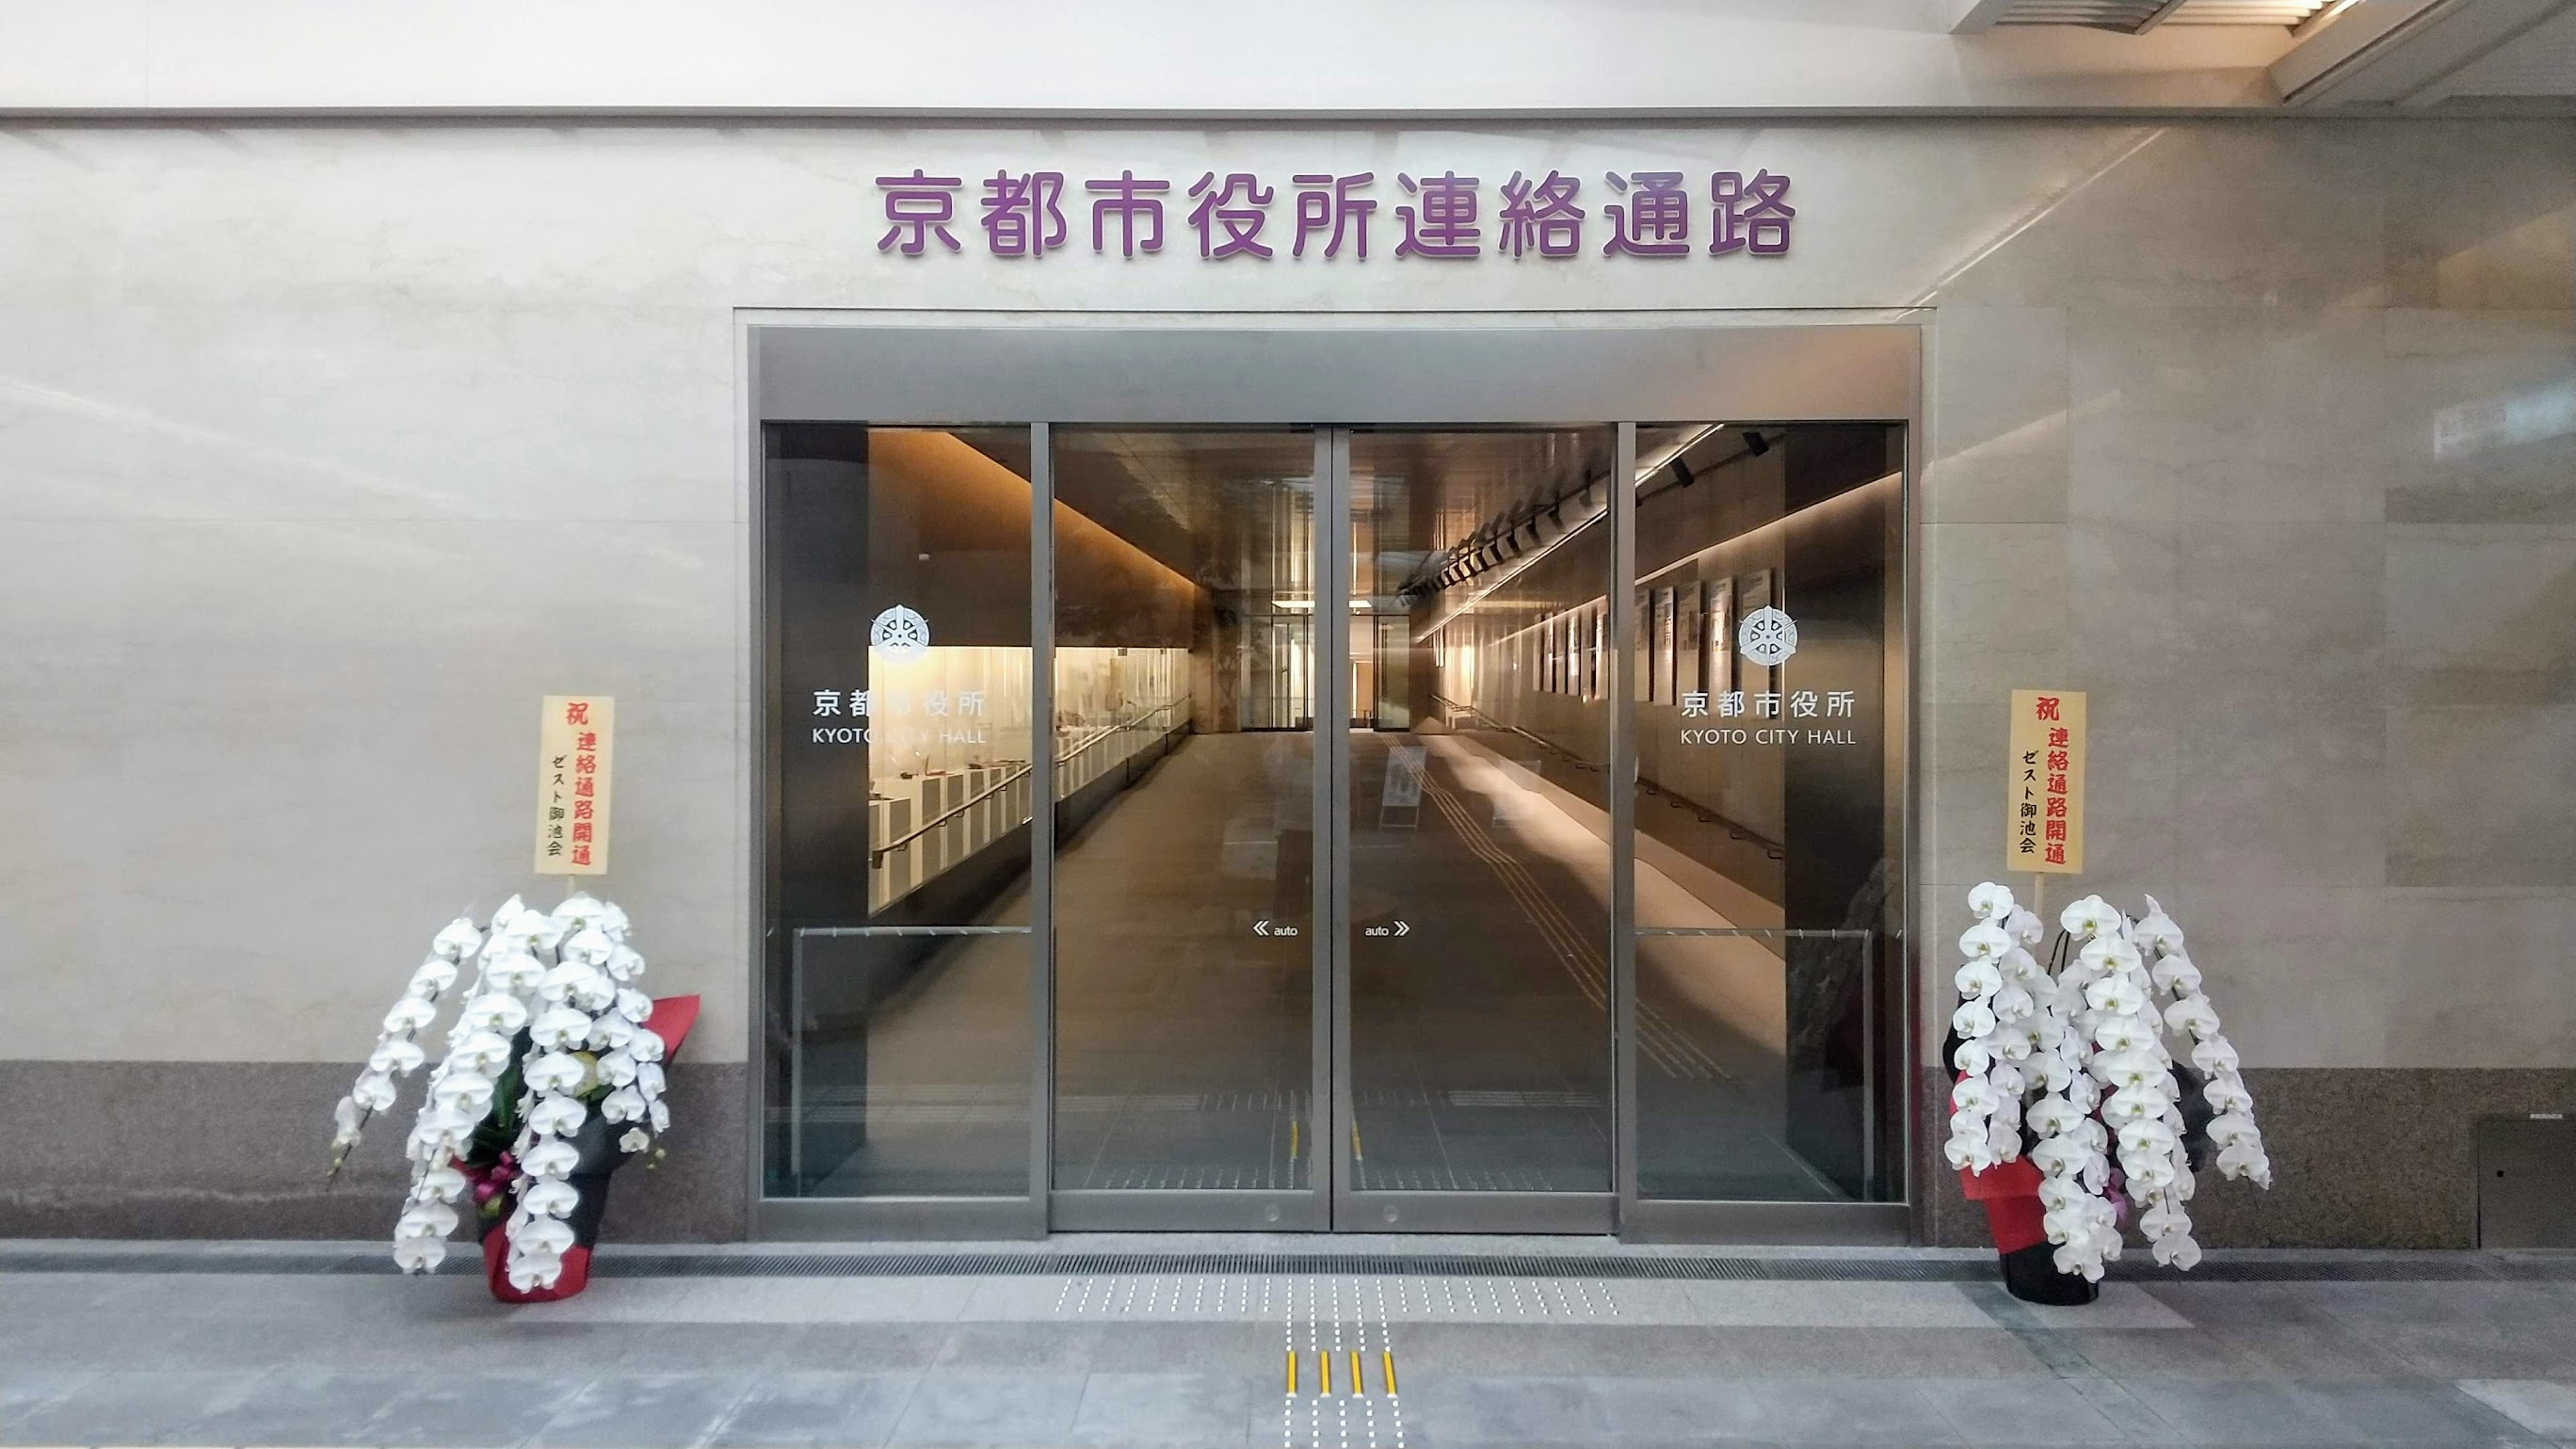 2021年9月1日(水)京都市役所⇔ゼスト御池 地下通路が開通しました。